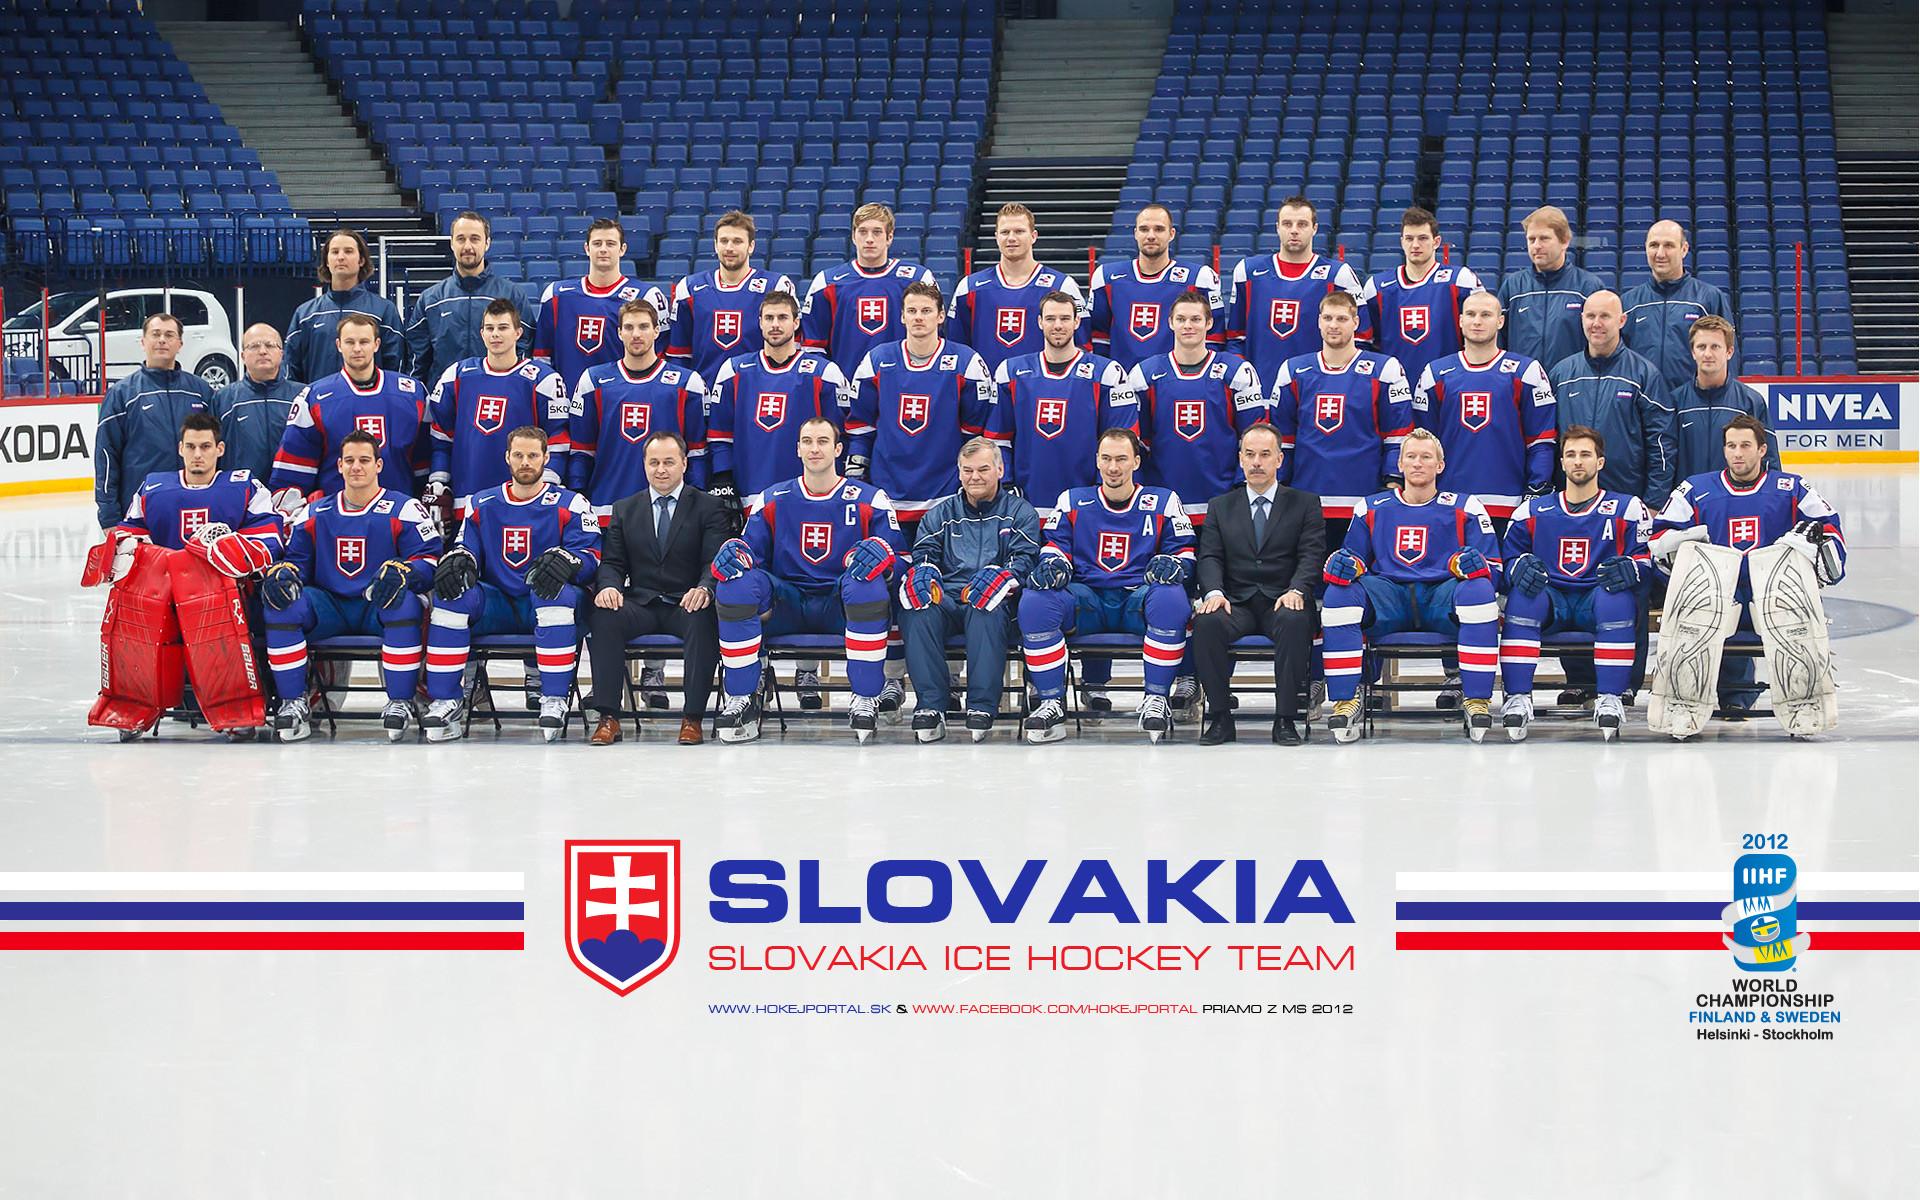 Wallpapers Slovakia Ice Hockey Team MS 2012 | HokejPortal.sk